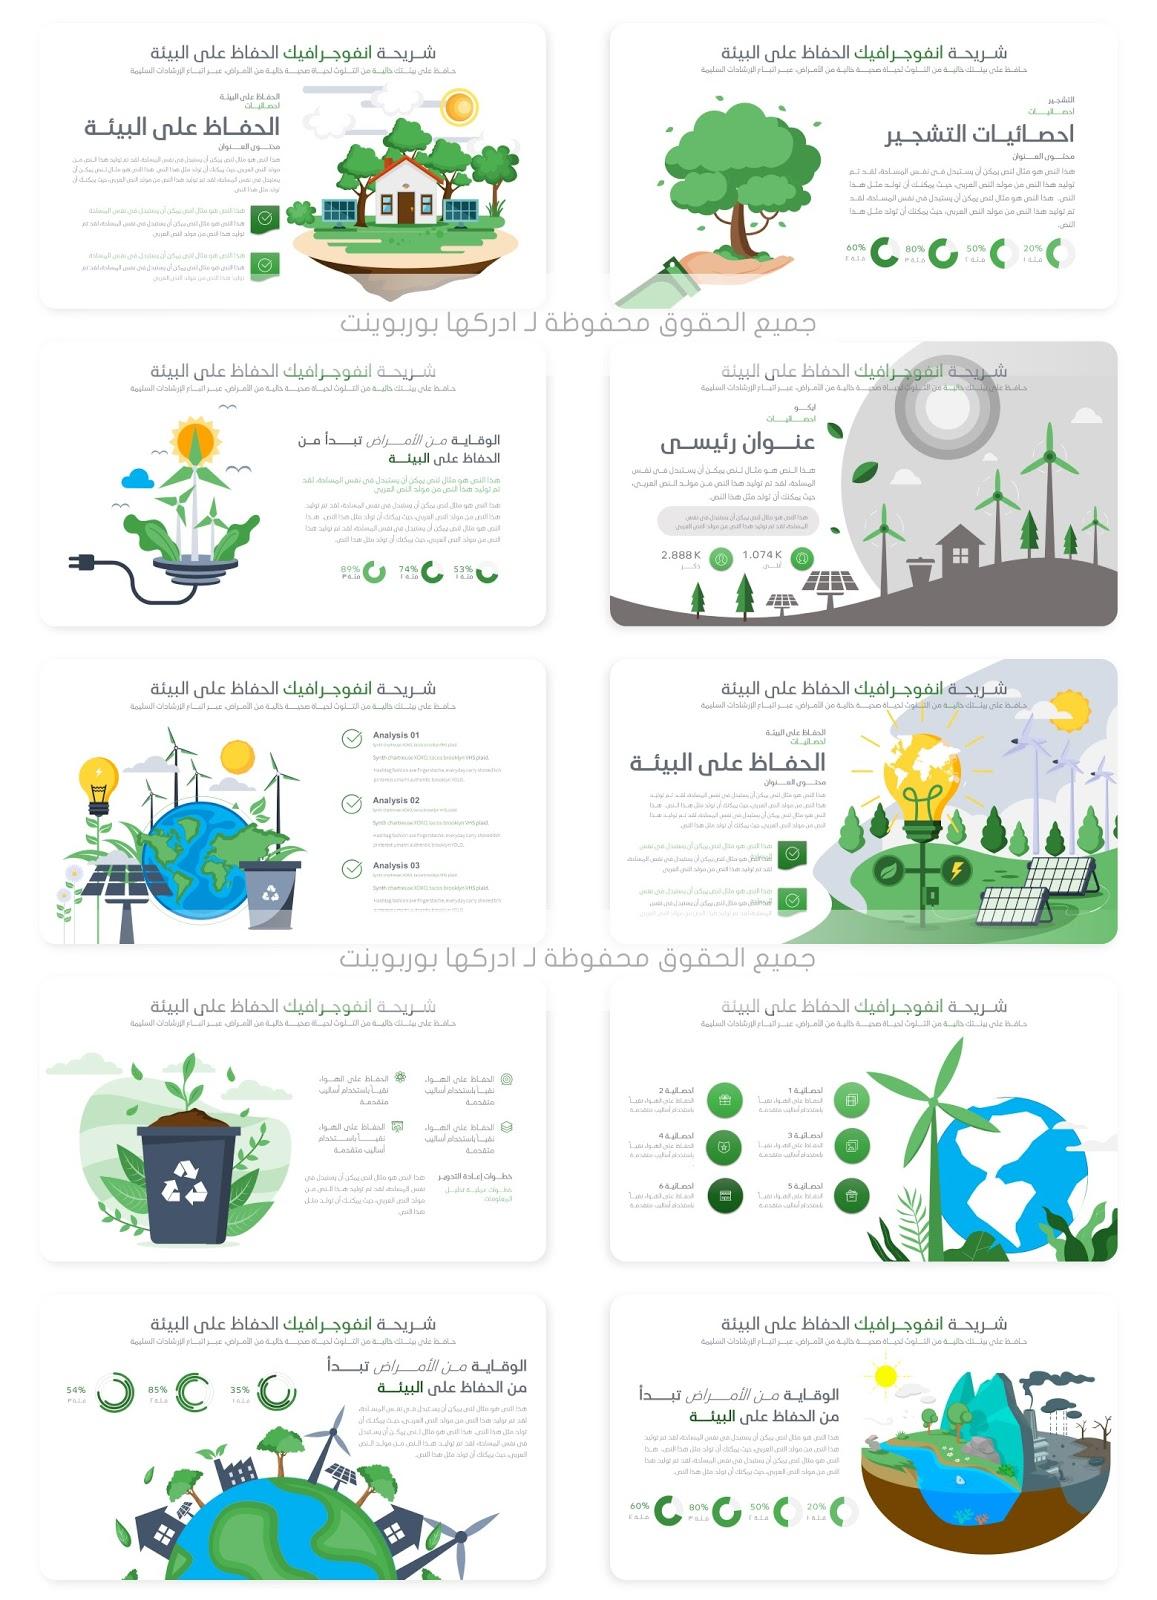 عرض بوربوينت عن التلوث وحماية البيئة